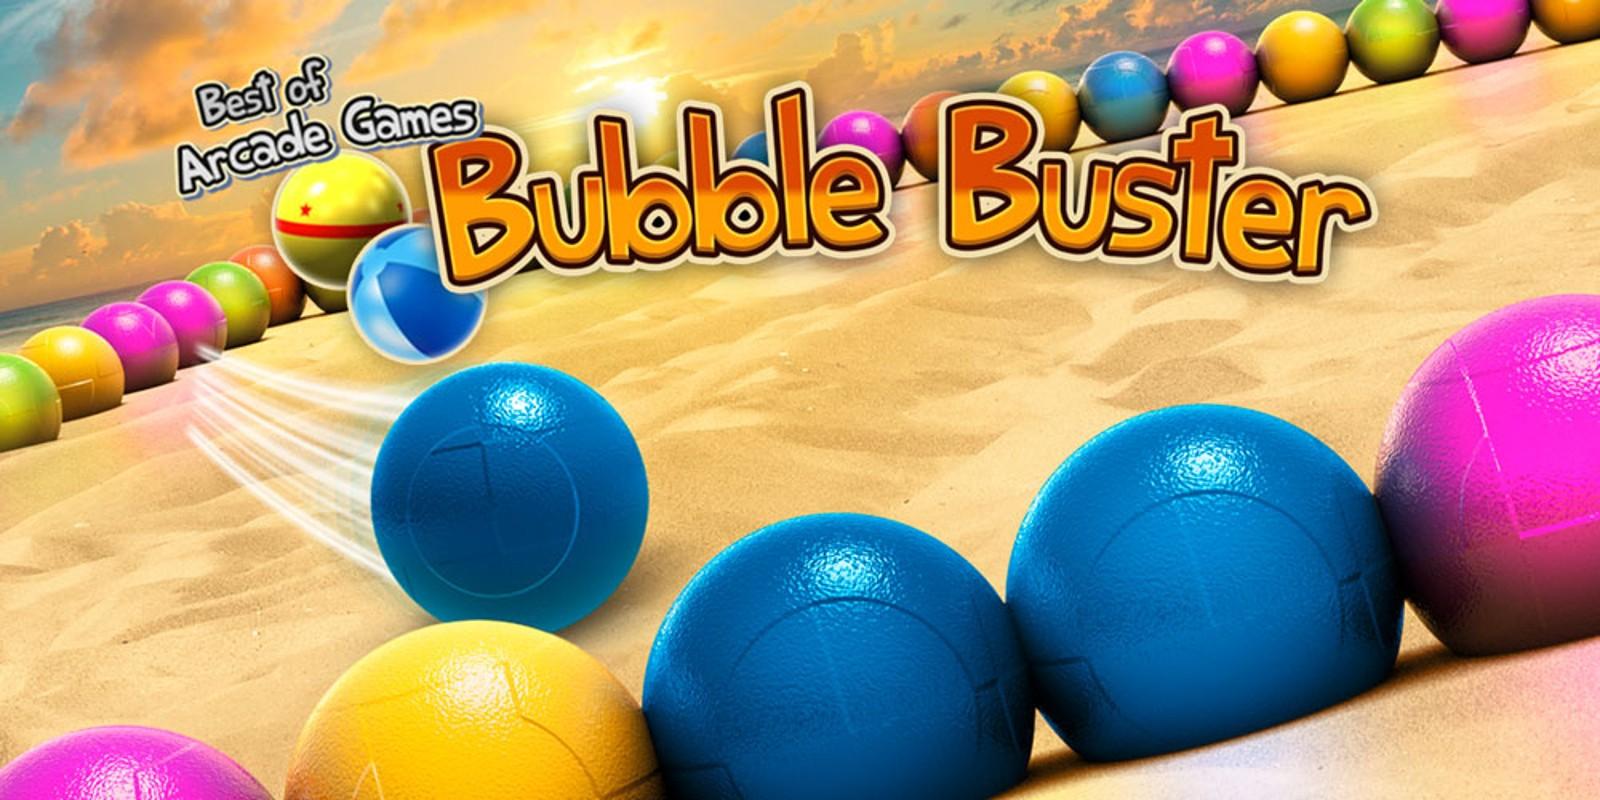 Coole Spiele Bubble Buster